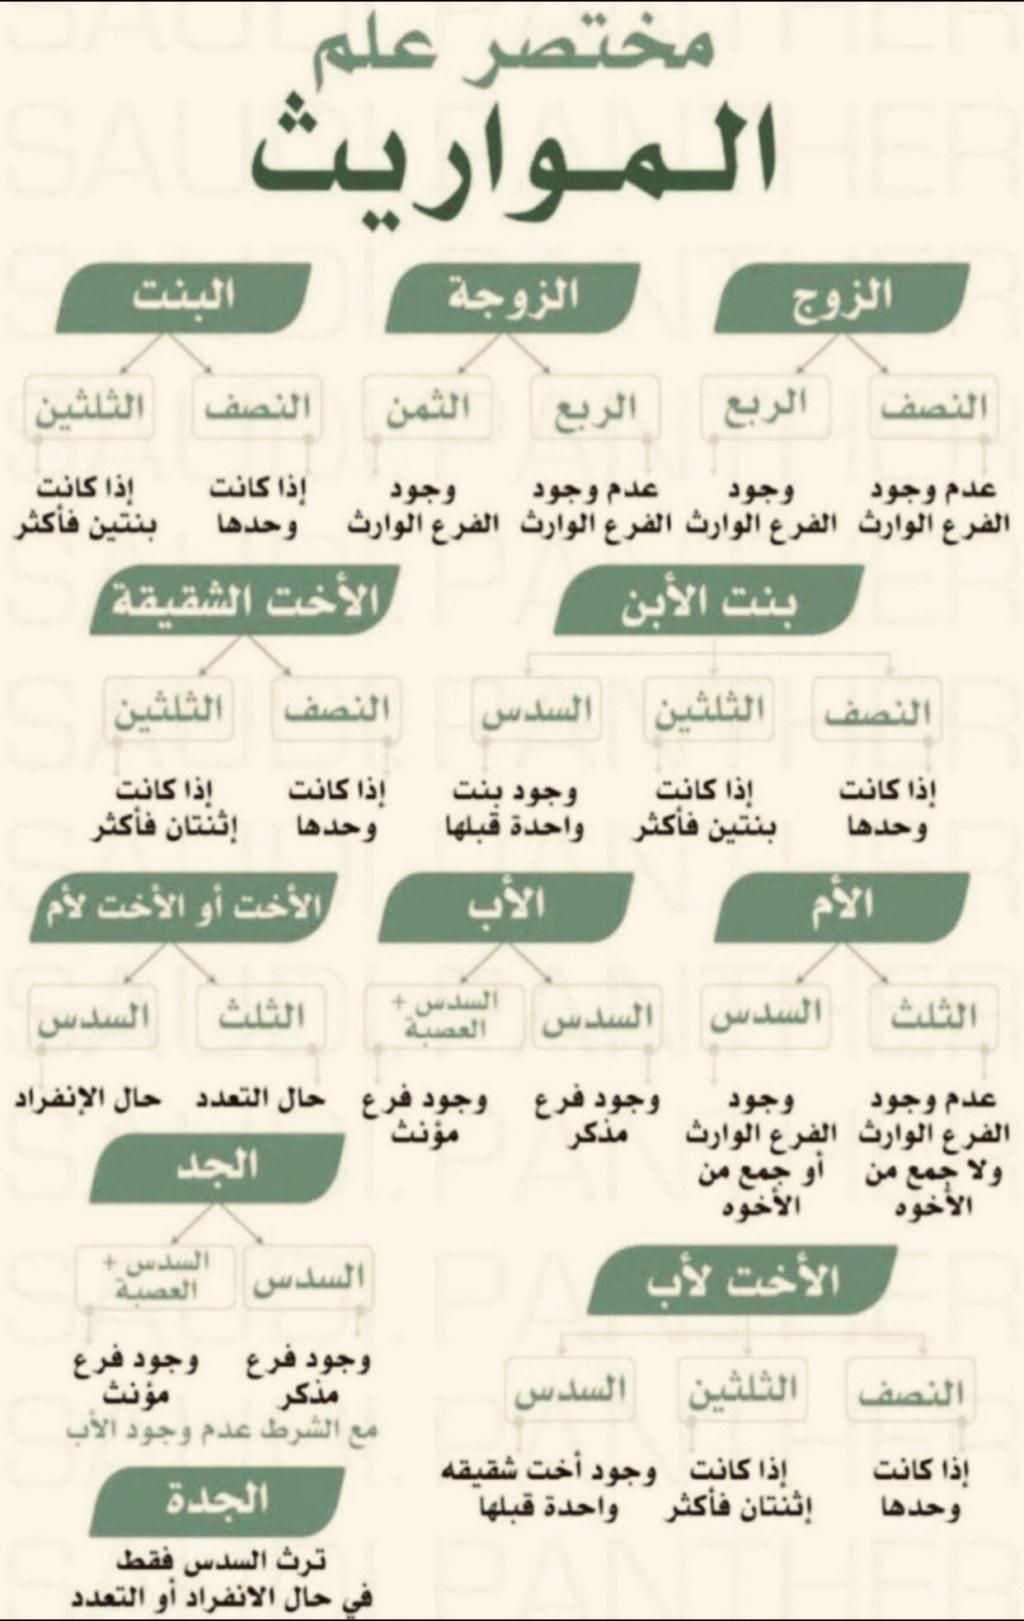 مختصر علم المواريث.. جدول المواريث في 3 ورقات 2199